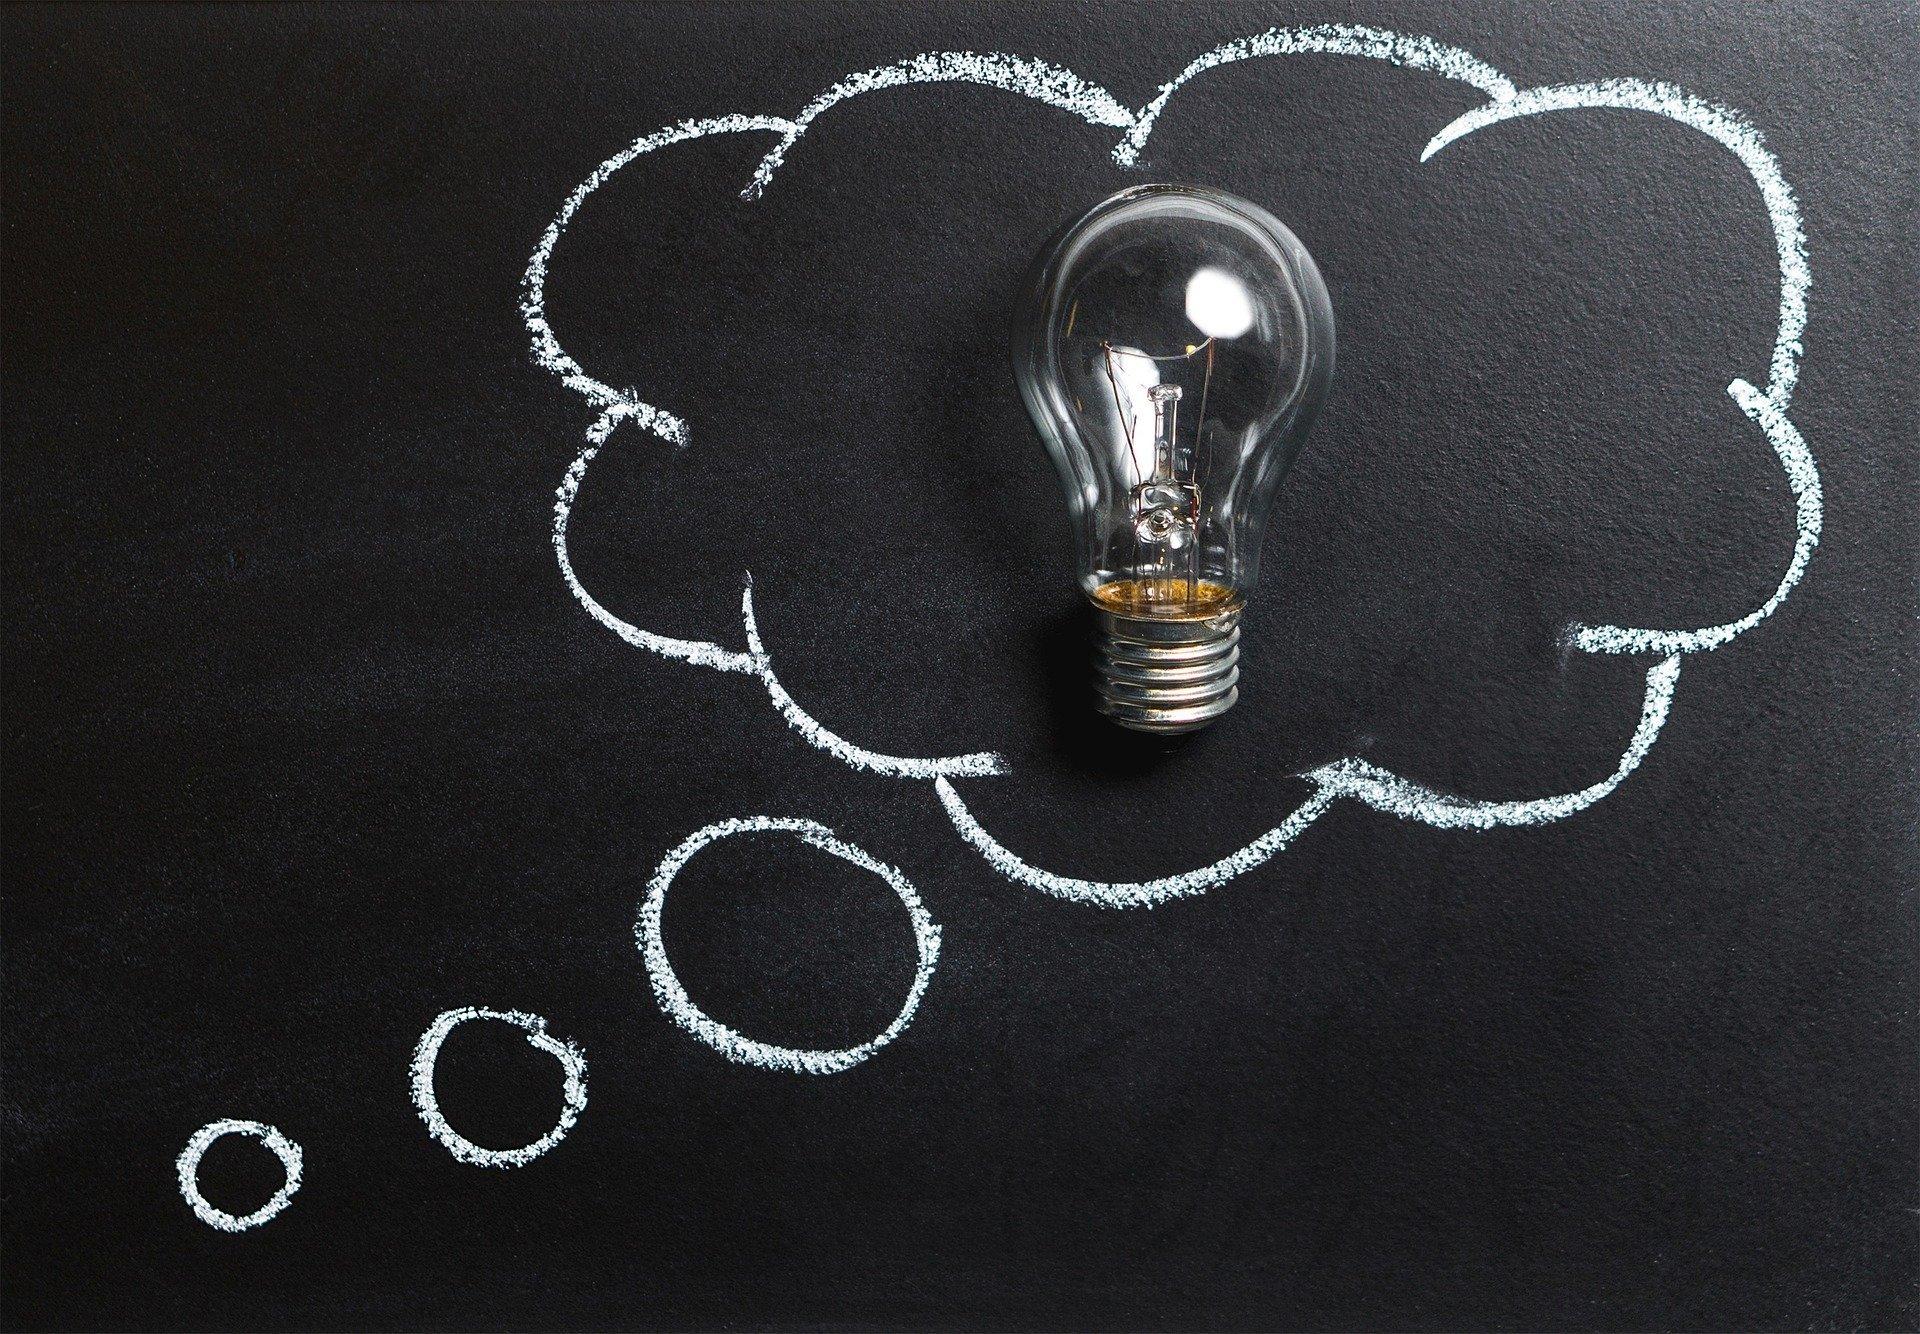 Kāda ir korelācija starp DSA un augsto kognitīvo potenciālu?